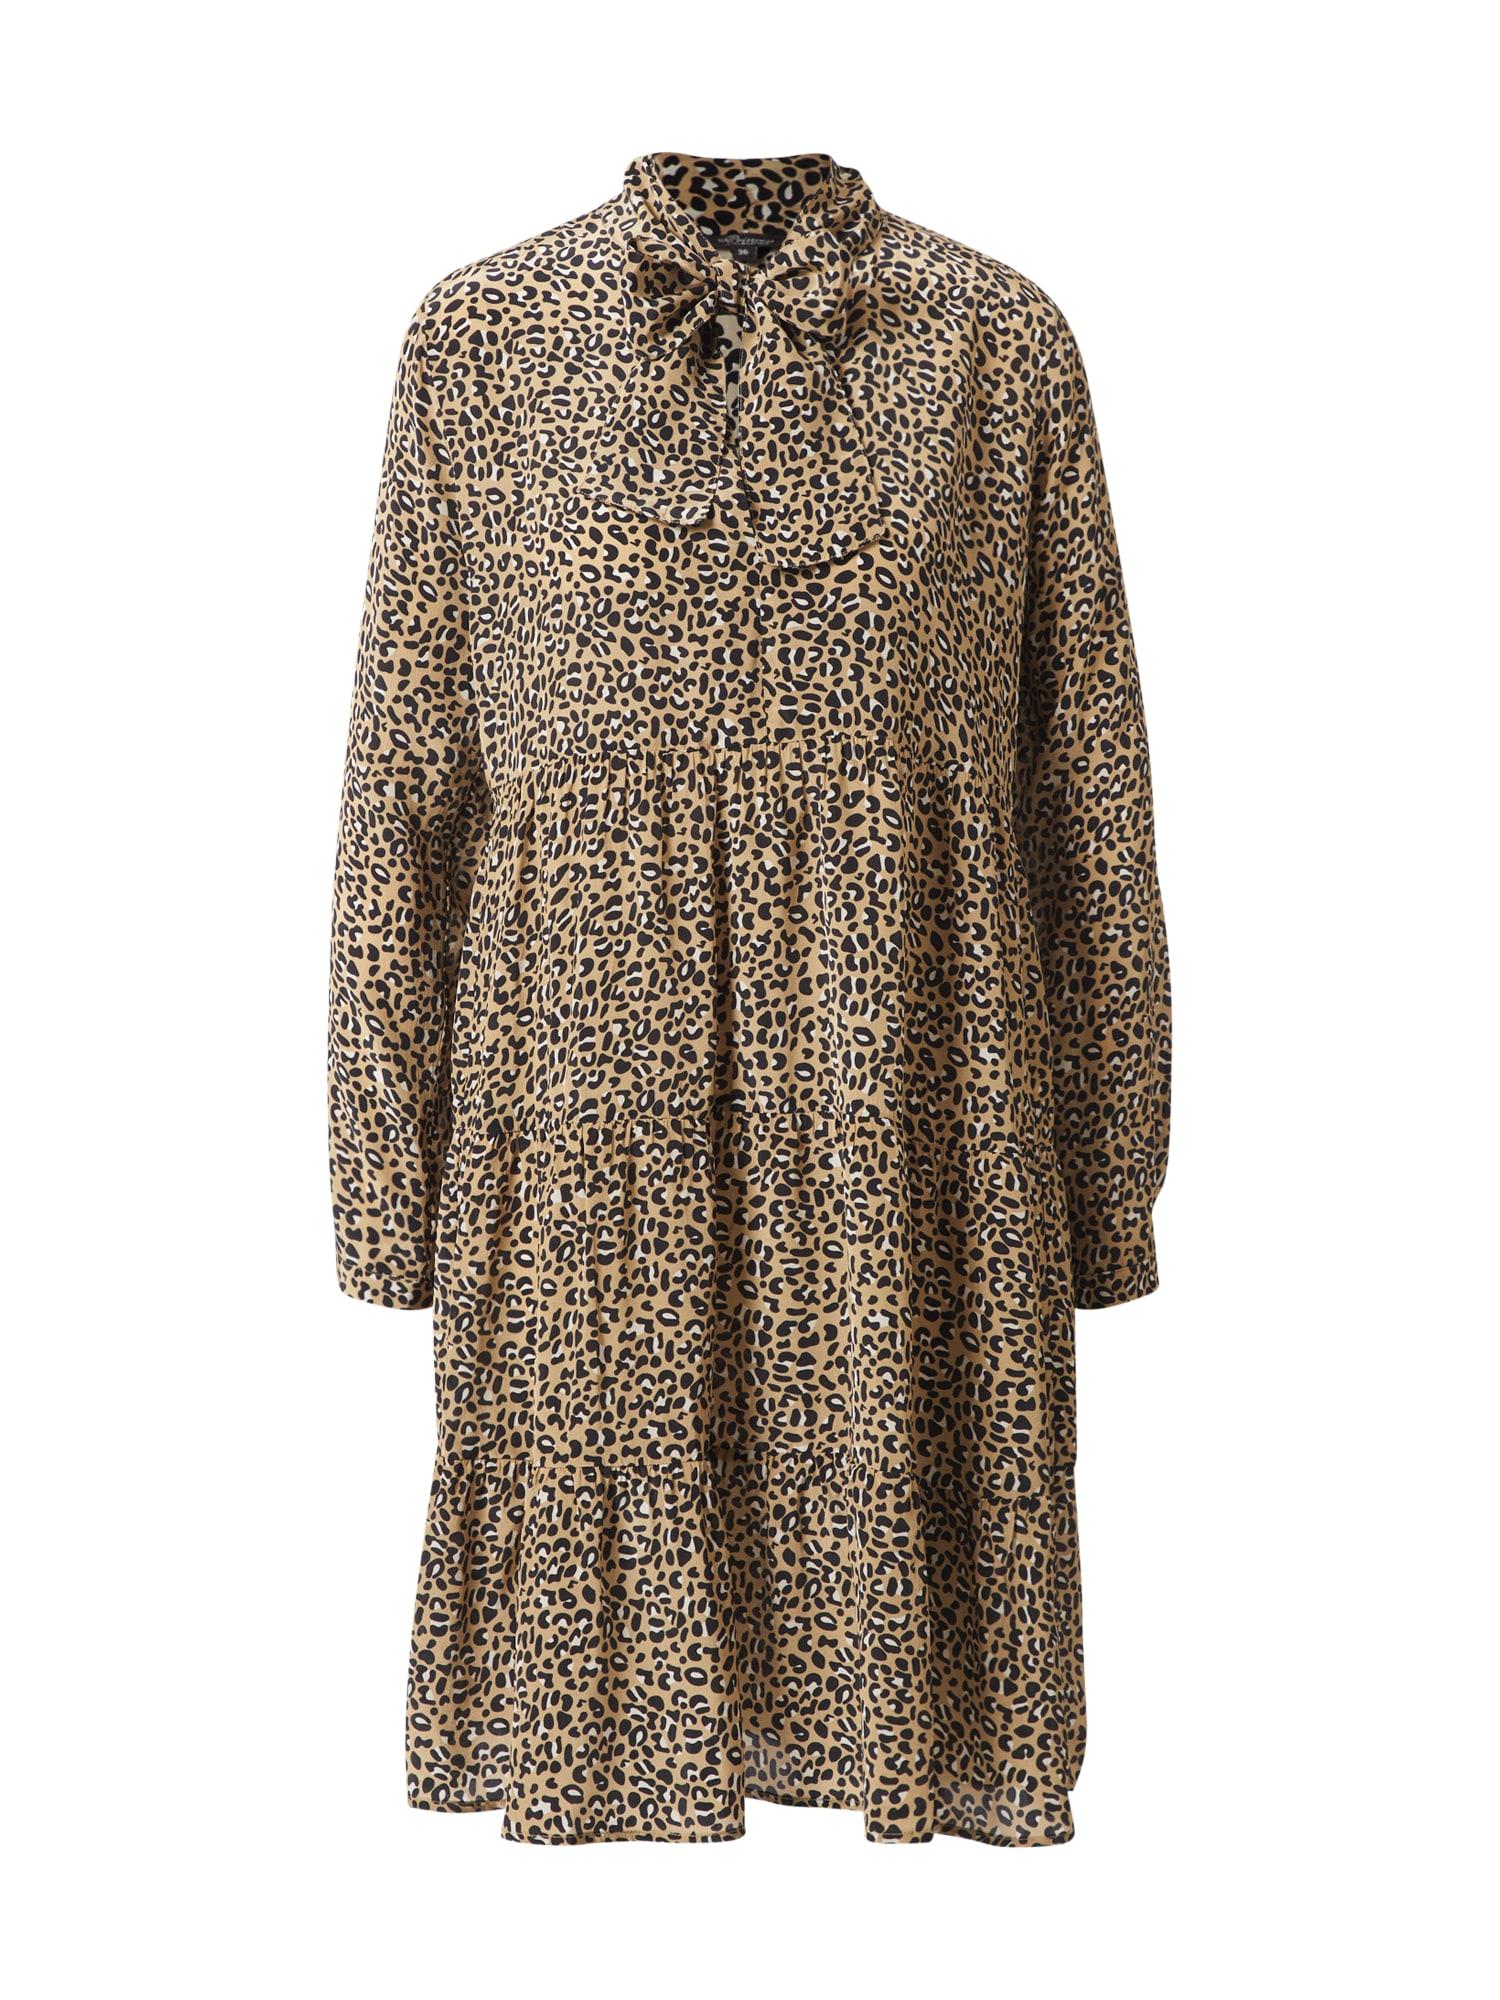 PRINCESS GOES HOLLYWOOD Palaidinės tipo suknelė gelsvai pilka spalva / balta / juoda